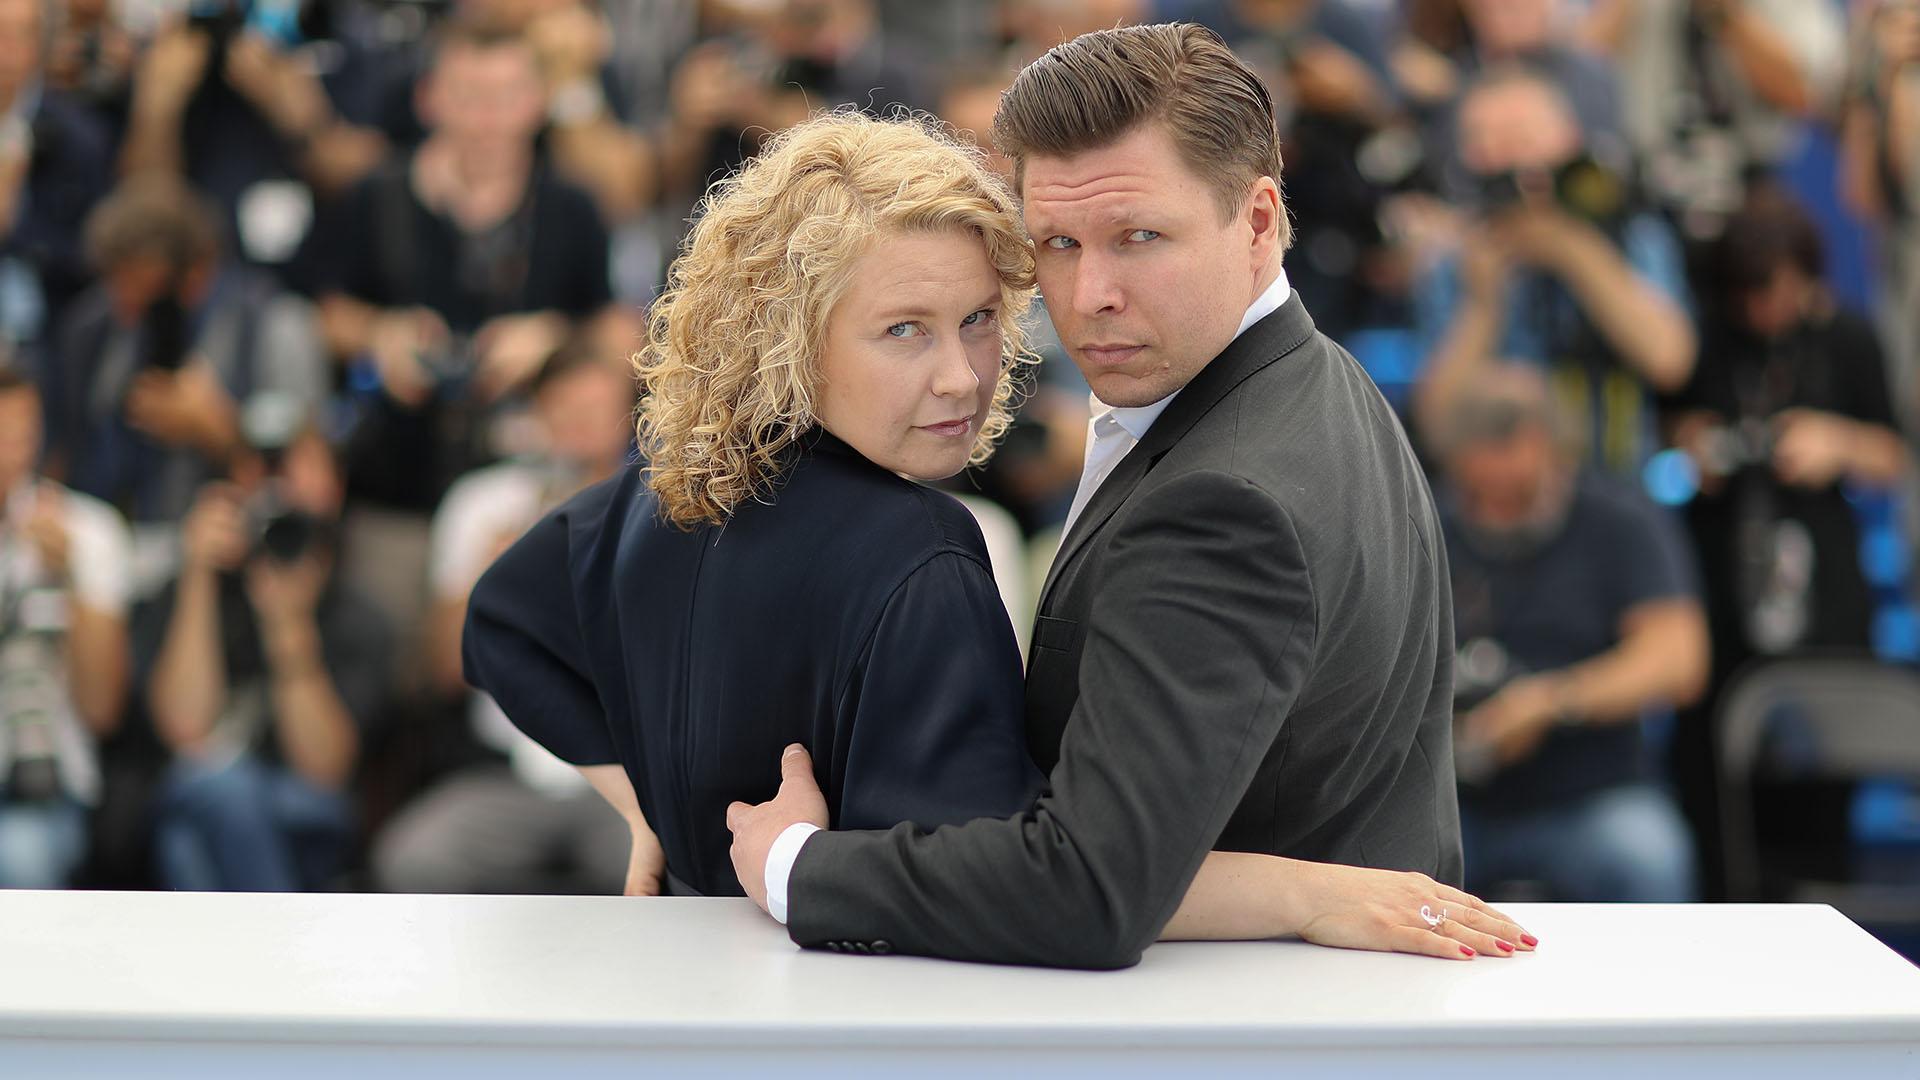 La acriz sueca Eva Melander y el actor finlandés Eero Milonoff (AFP)